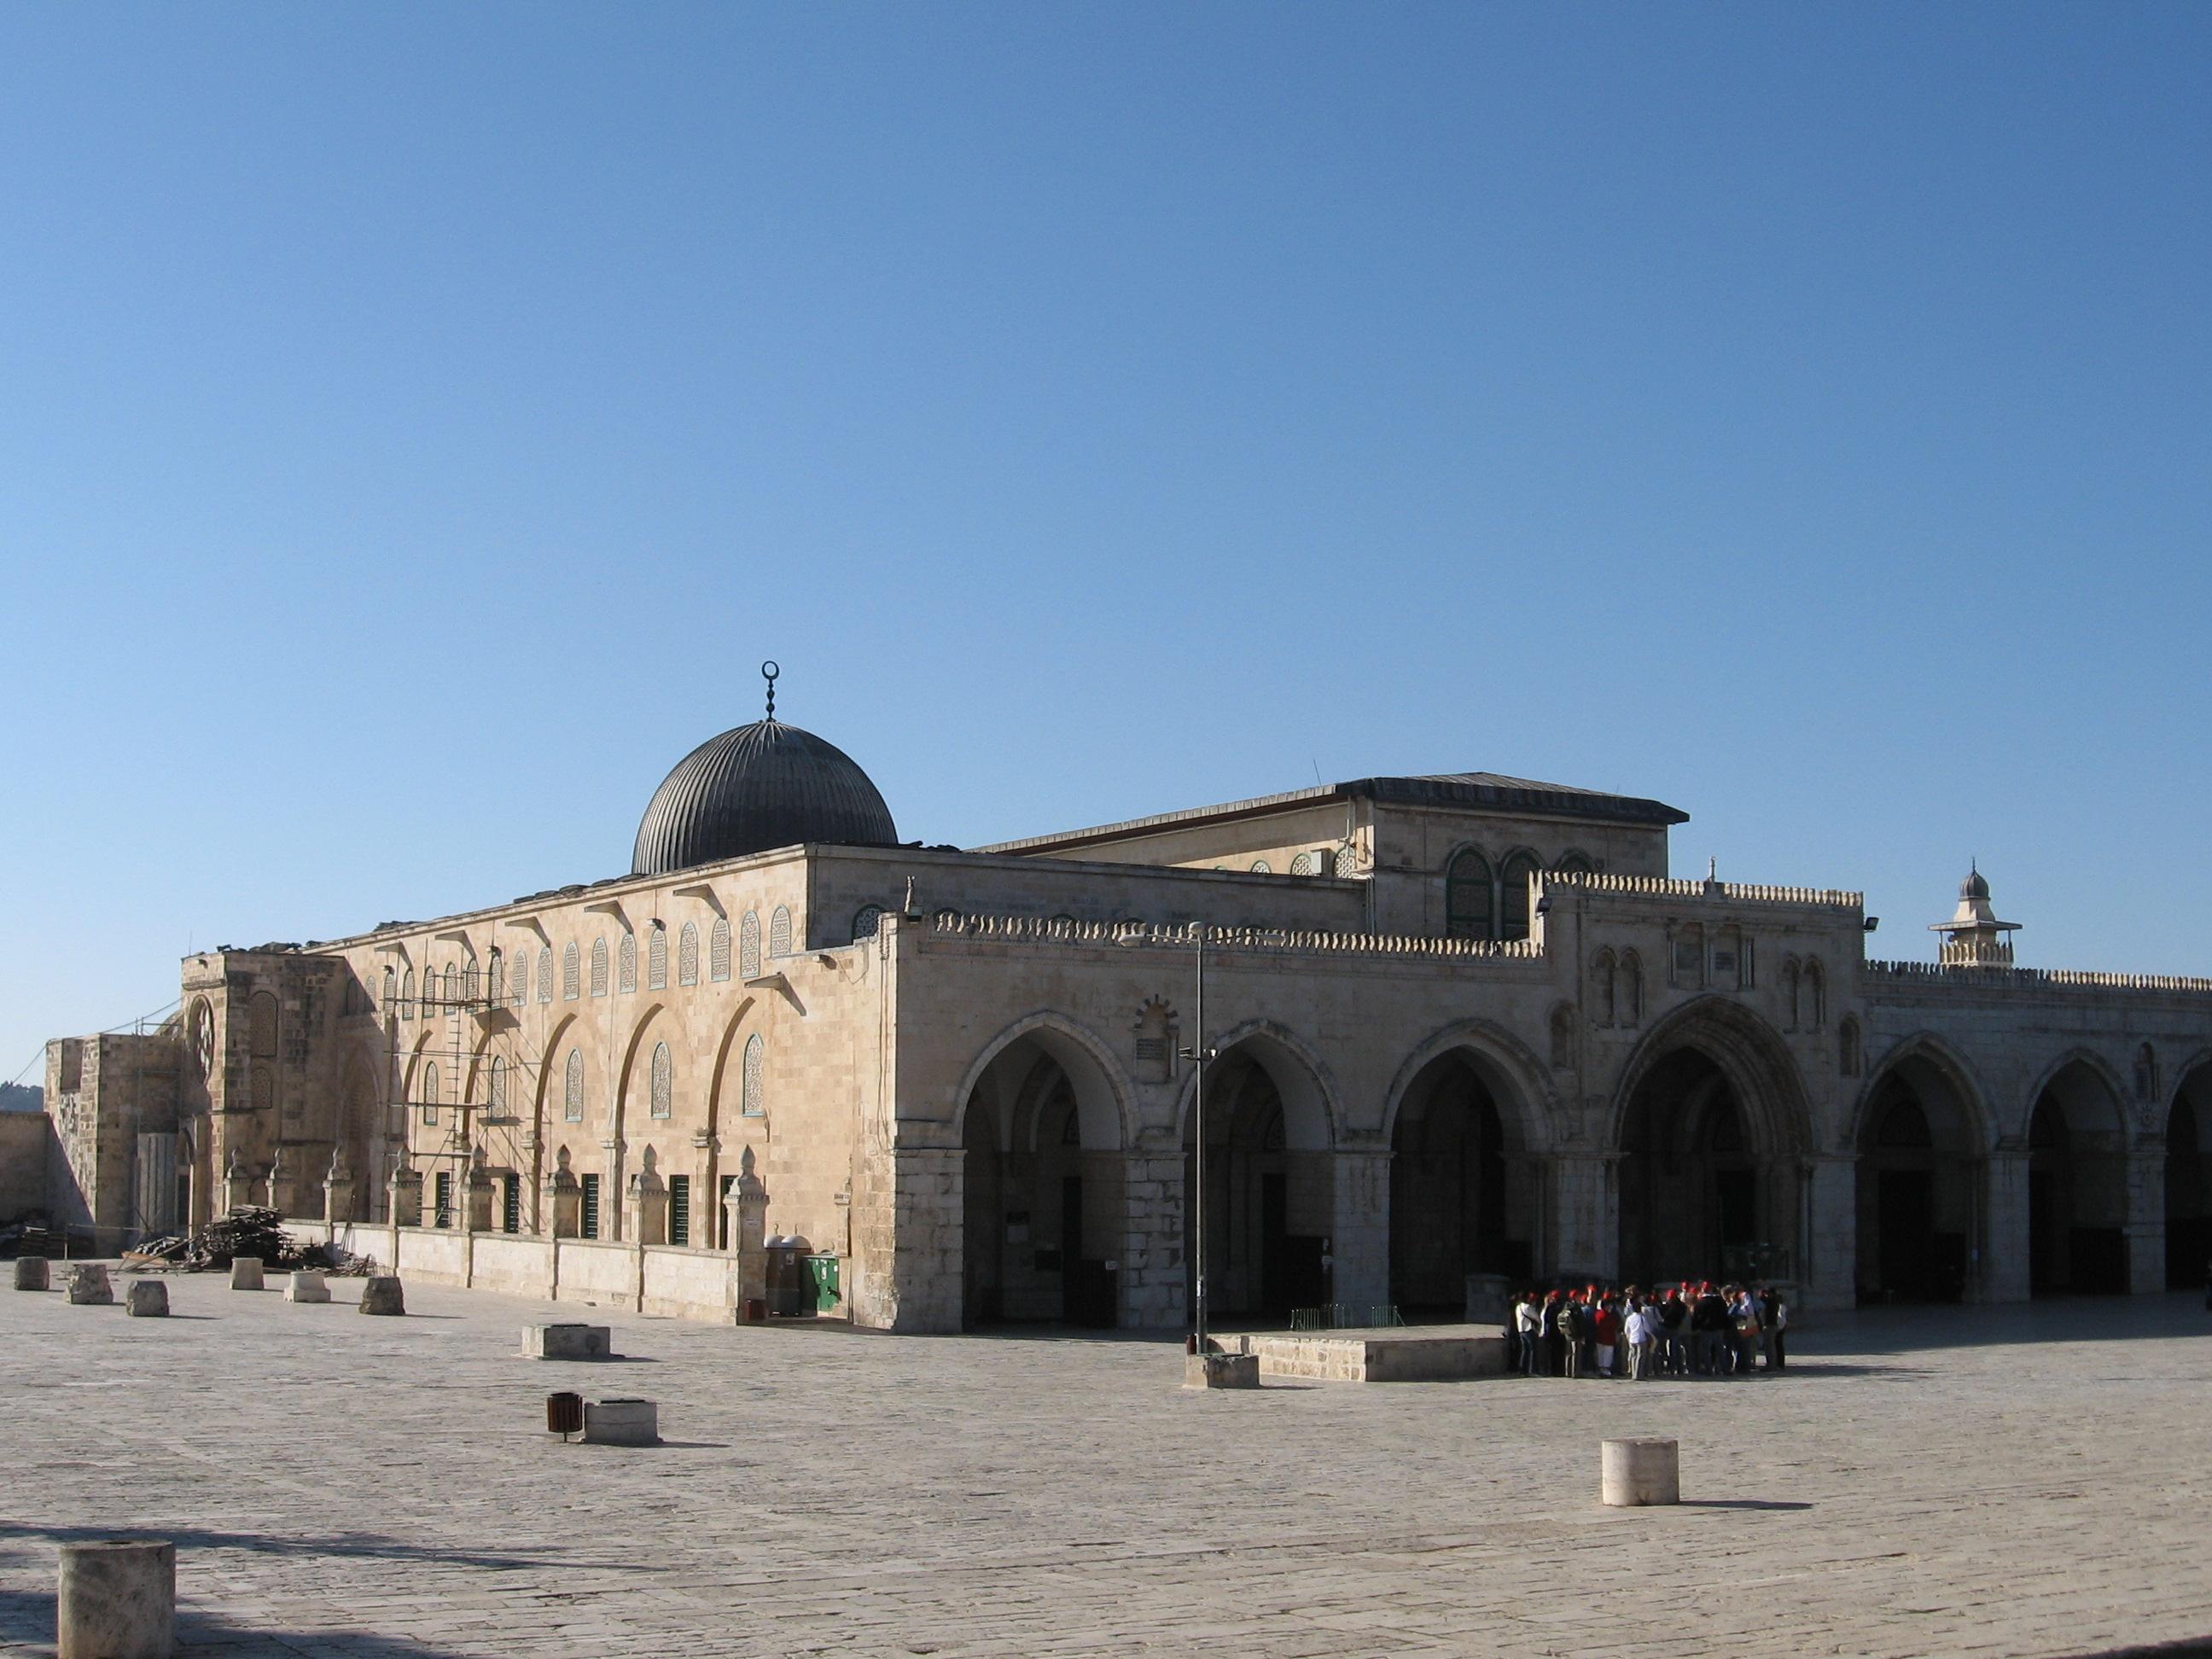 بالصور صور المسجد الاقصى , مشاهد للمسجد الاقصى 1437 7